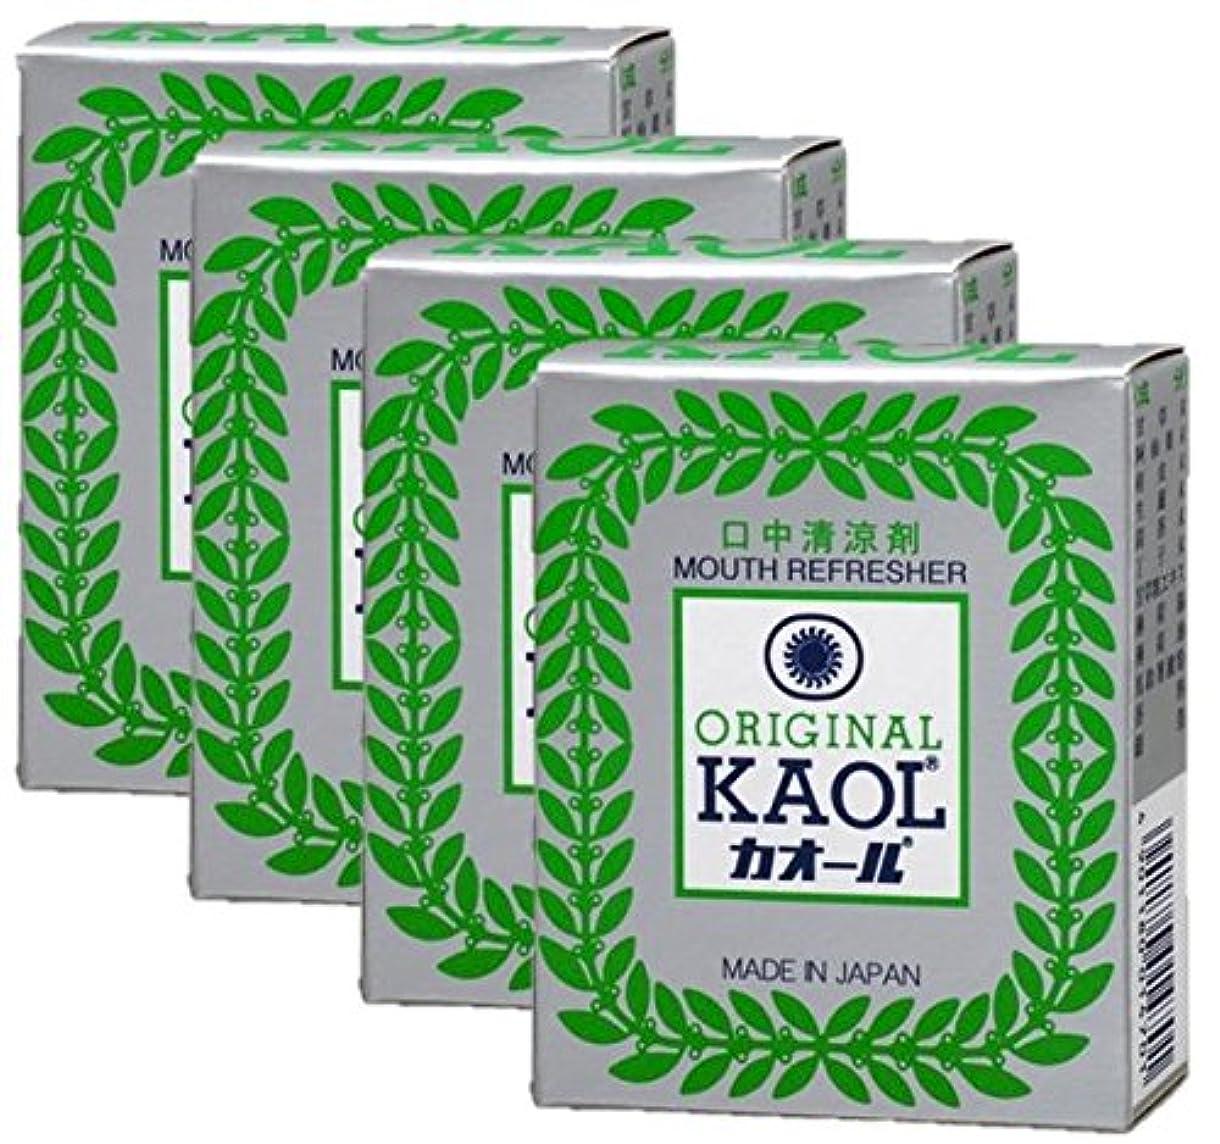 弱めるマダム情熱口中清涼剤 オリヂナル カオール 14.5g×4個セット